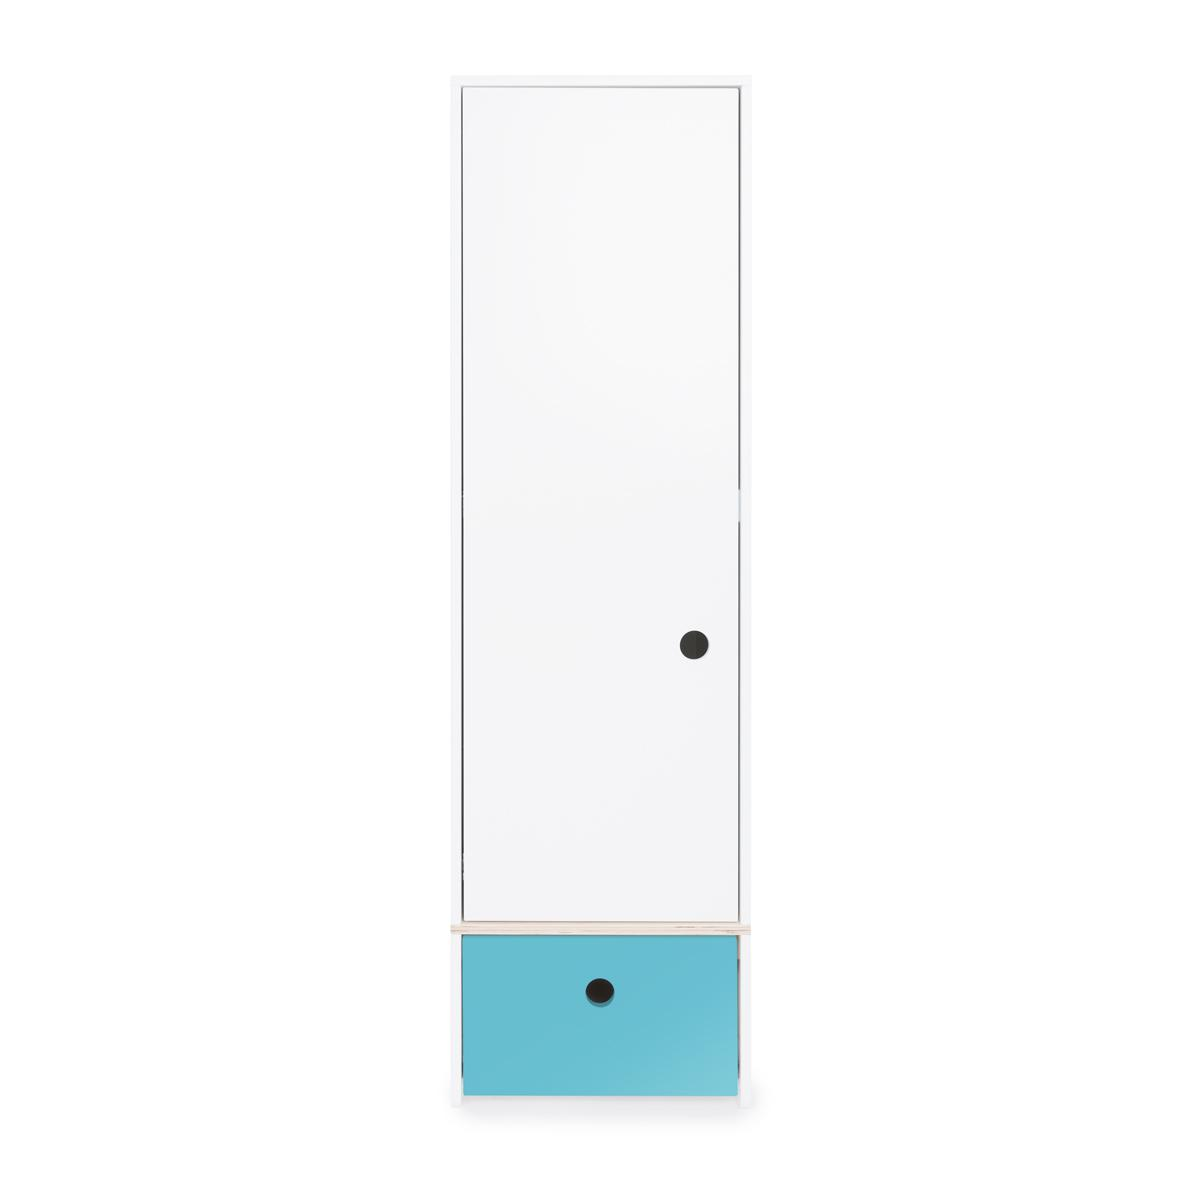 Armoire 1 porte façade tiroir bleu paradis